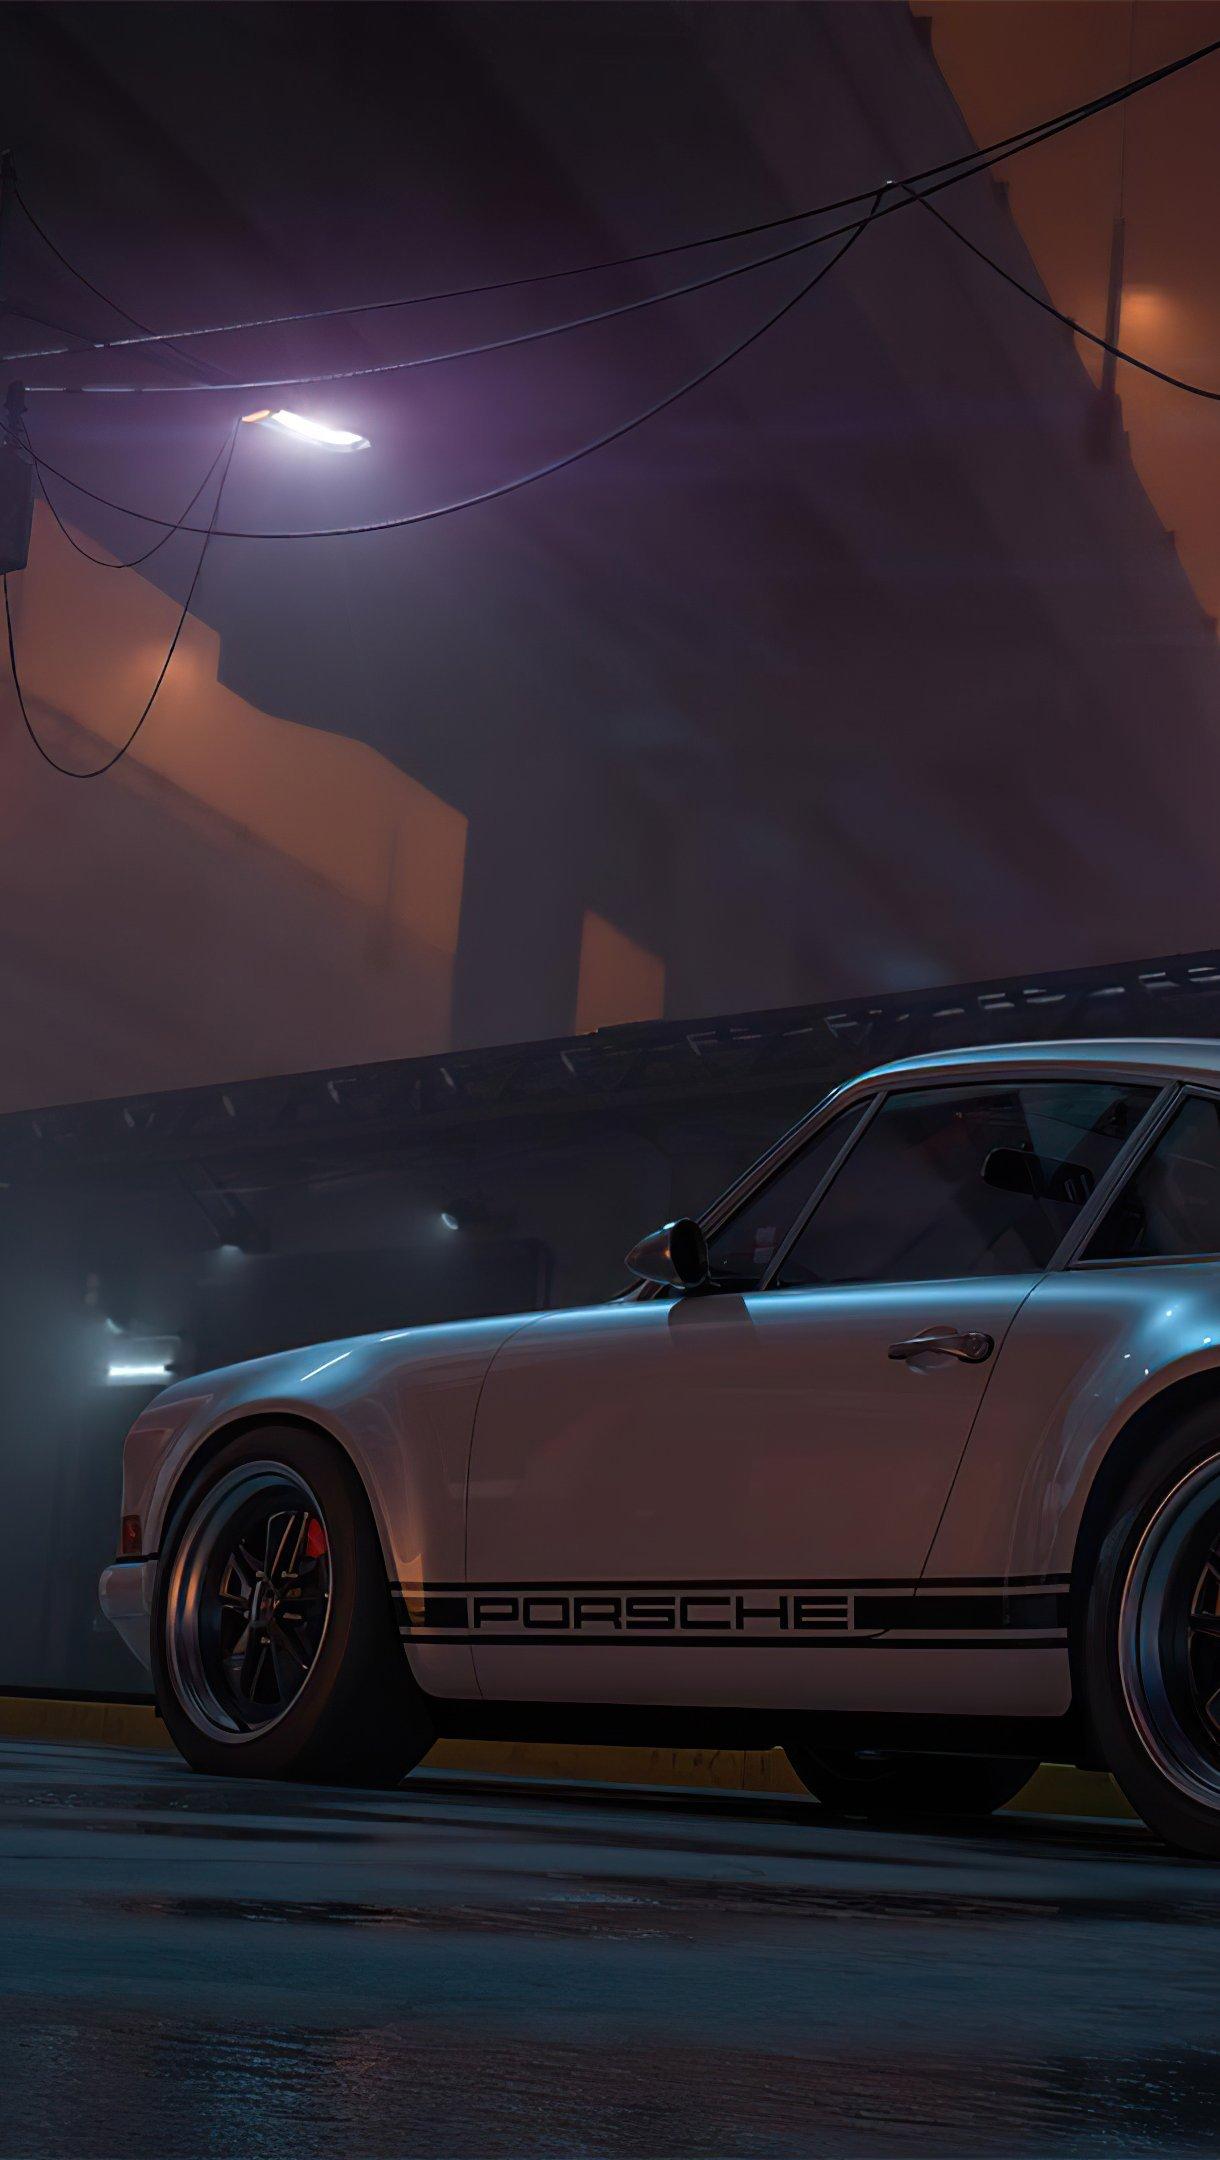 Wallpaper Porsche Outrun Vertical